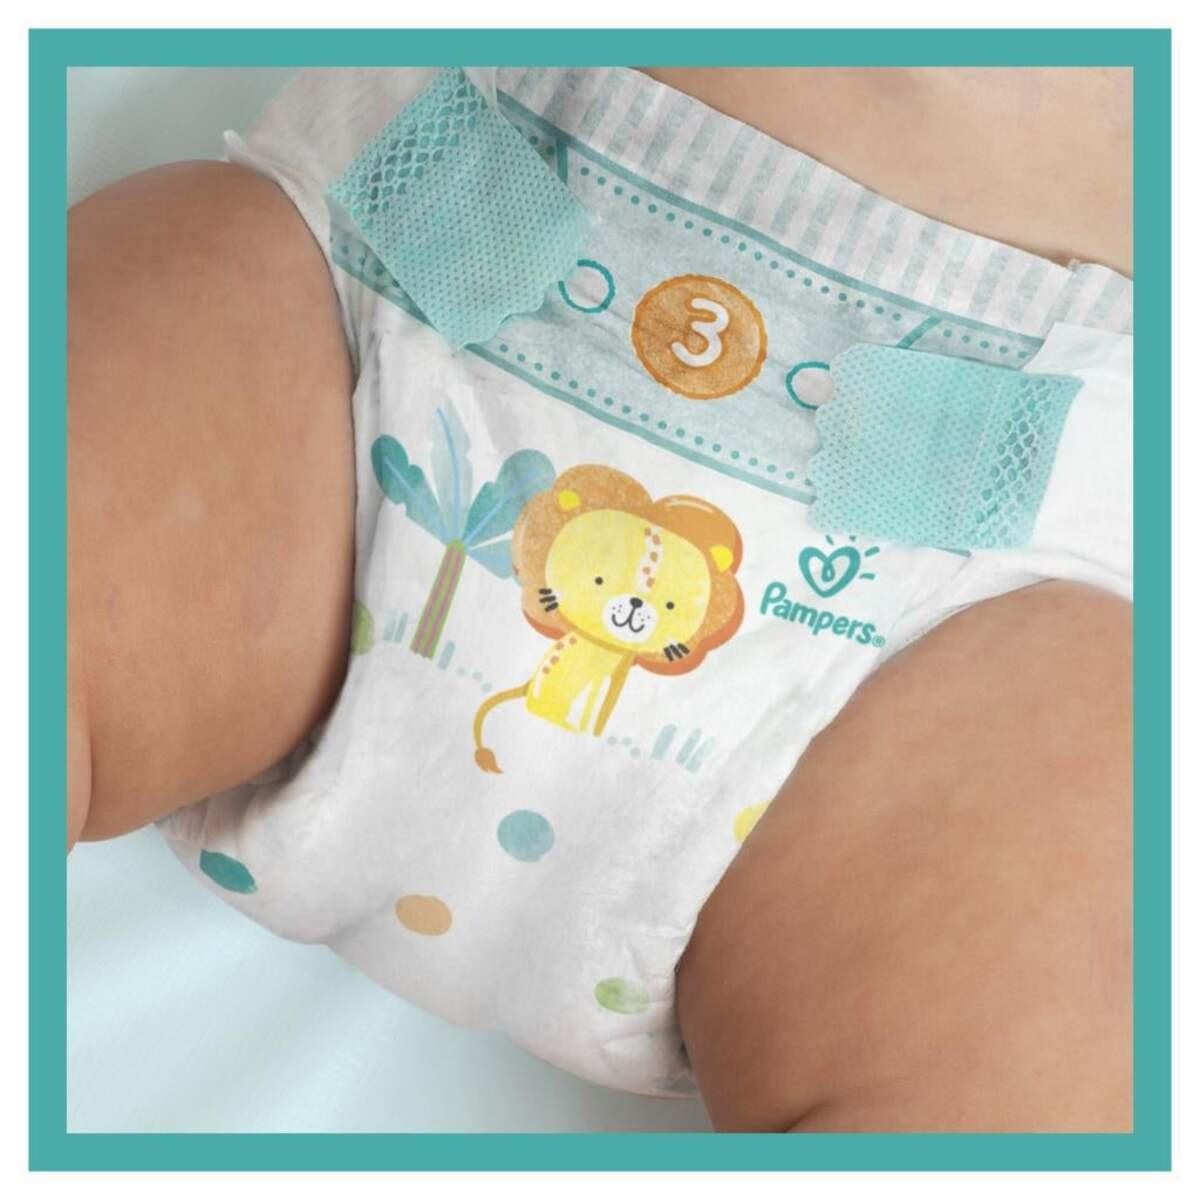 Bild 3 von Pampers Baby Dry Windeln Baby Dry Monatsbox, Größe 5+ Junior Plus